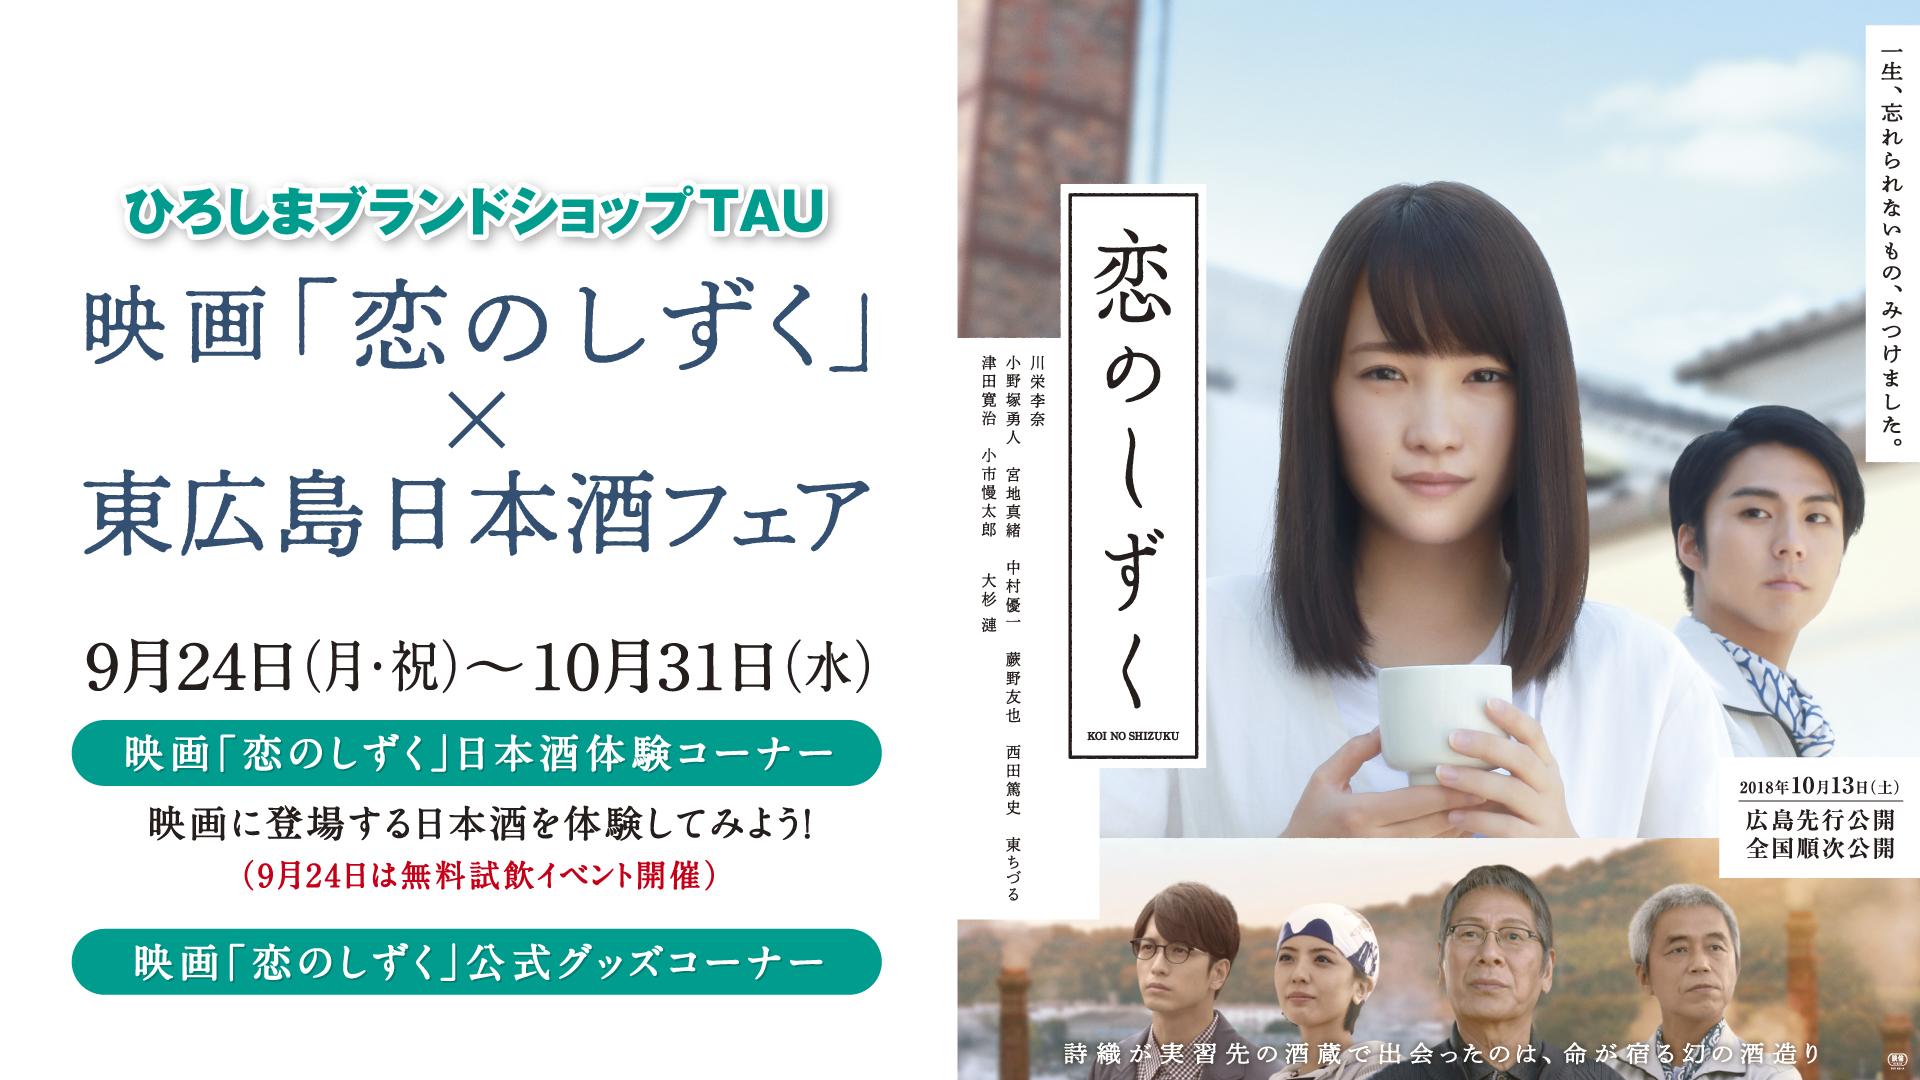 『がんばろう広島』映画「恋のしずく」×東広島日本酒フェアを開催!